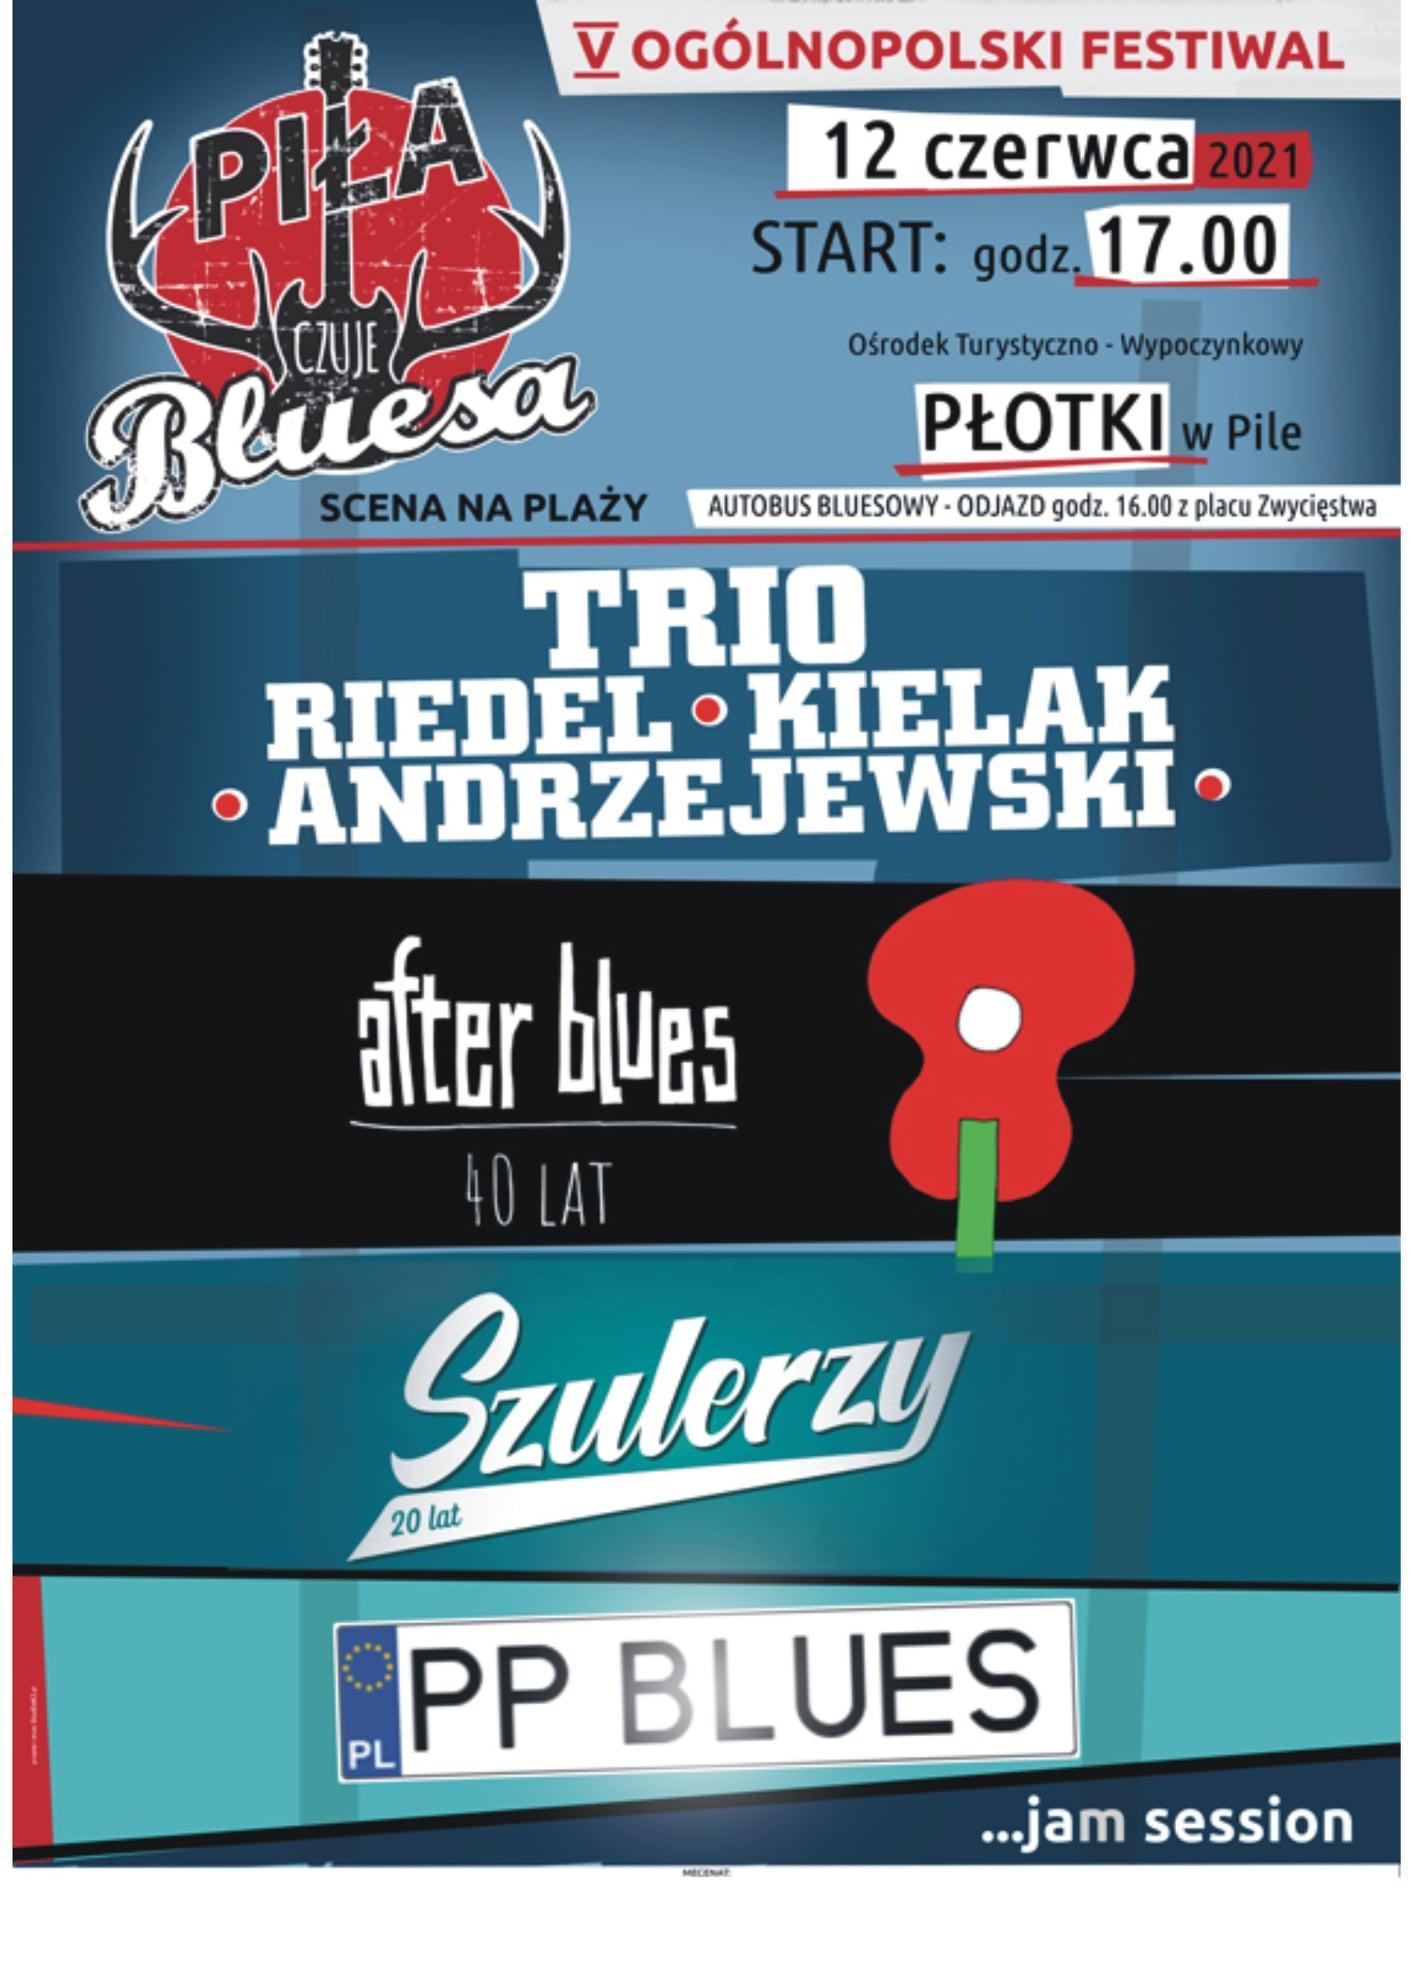 piła czuje bluesa - FB: Piła czuje bluesa